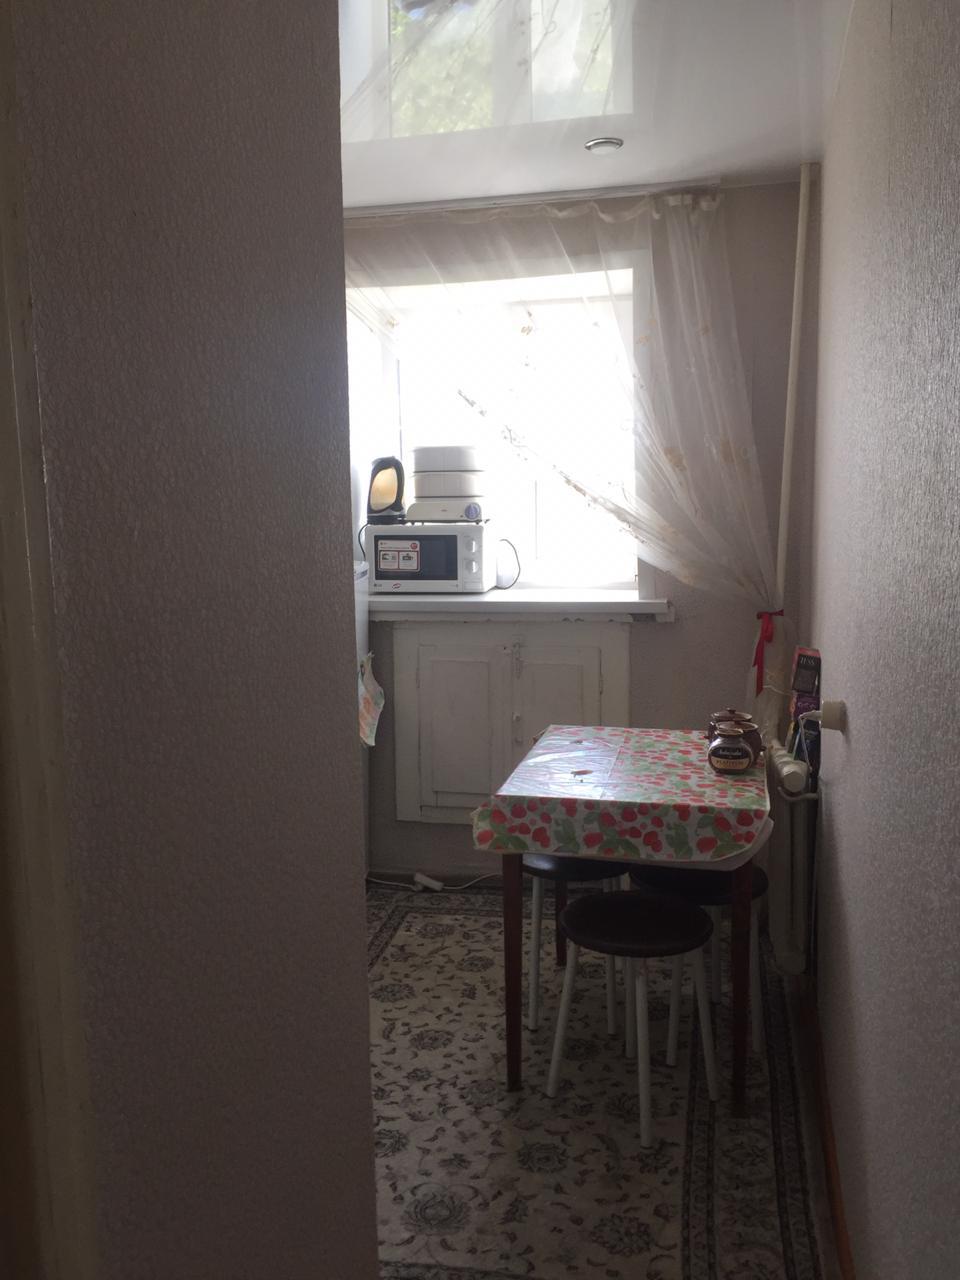 Квартира на продажу по адресу Россия, Алтайский край, Новоалтайск, ул. 40 лет ВЛКСМ, 11